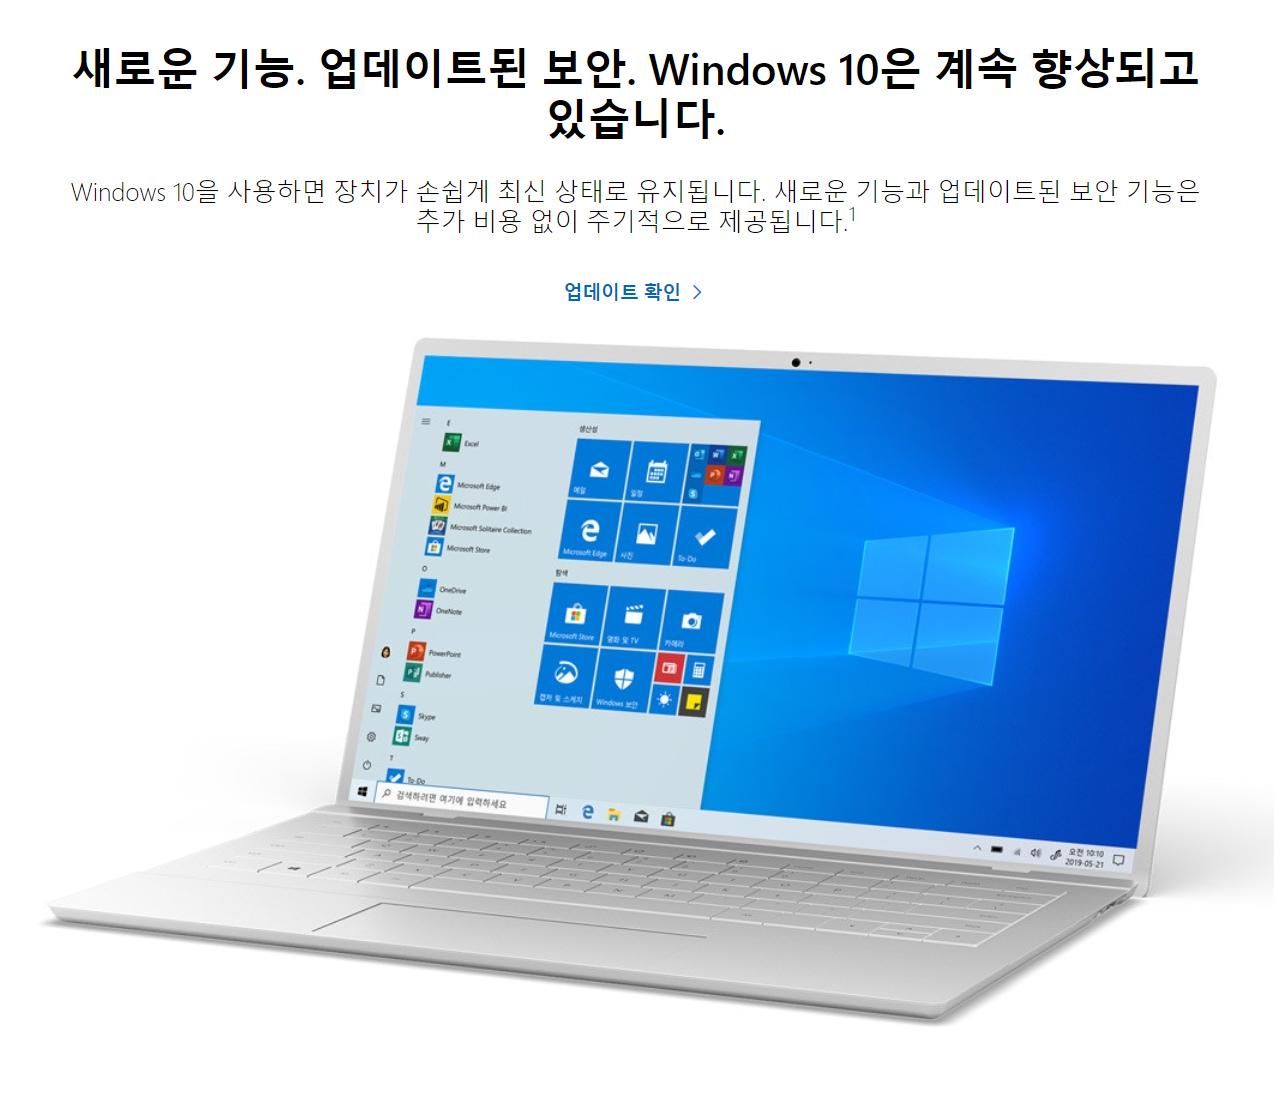 ▲ 정품 소프트웨어는 PC의 보안을 위해 중요하다 (사진: 마이크로소프트)